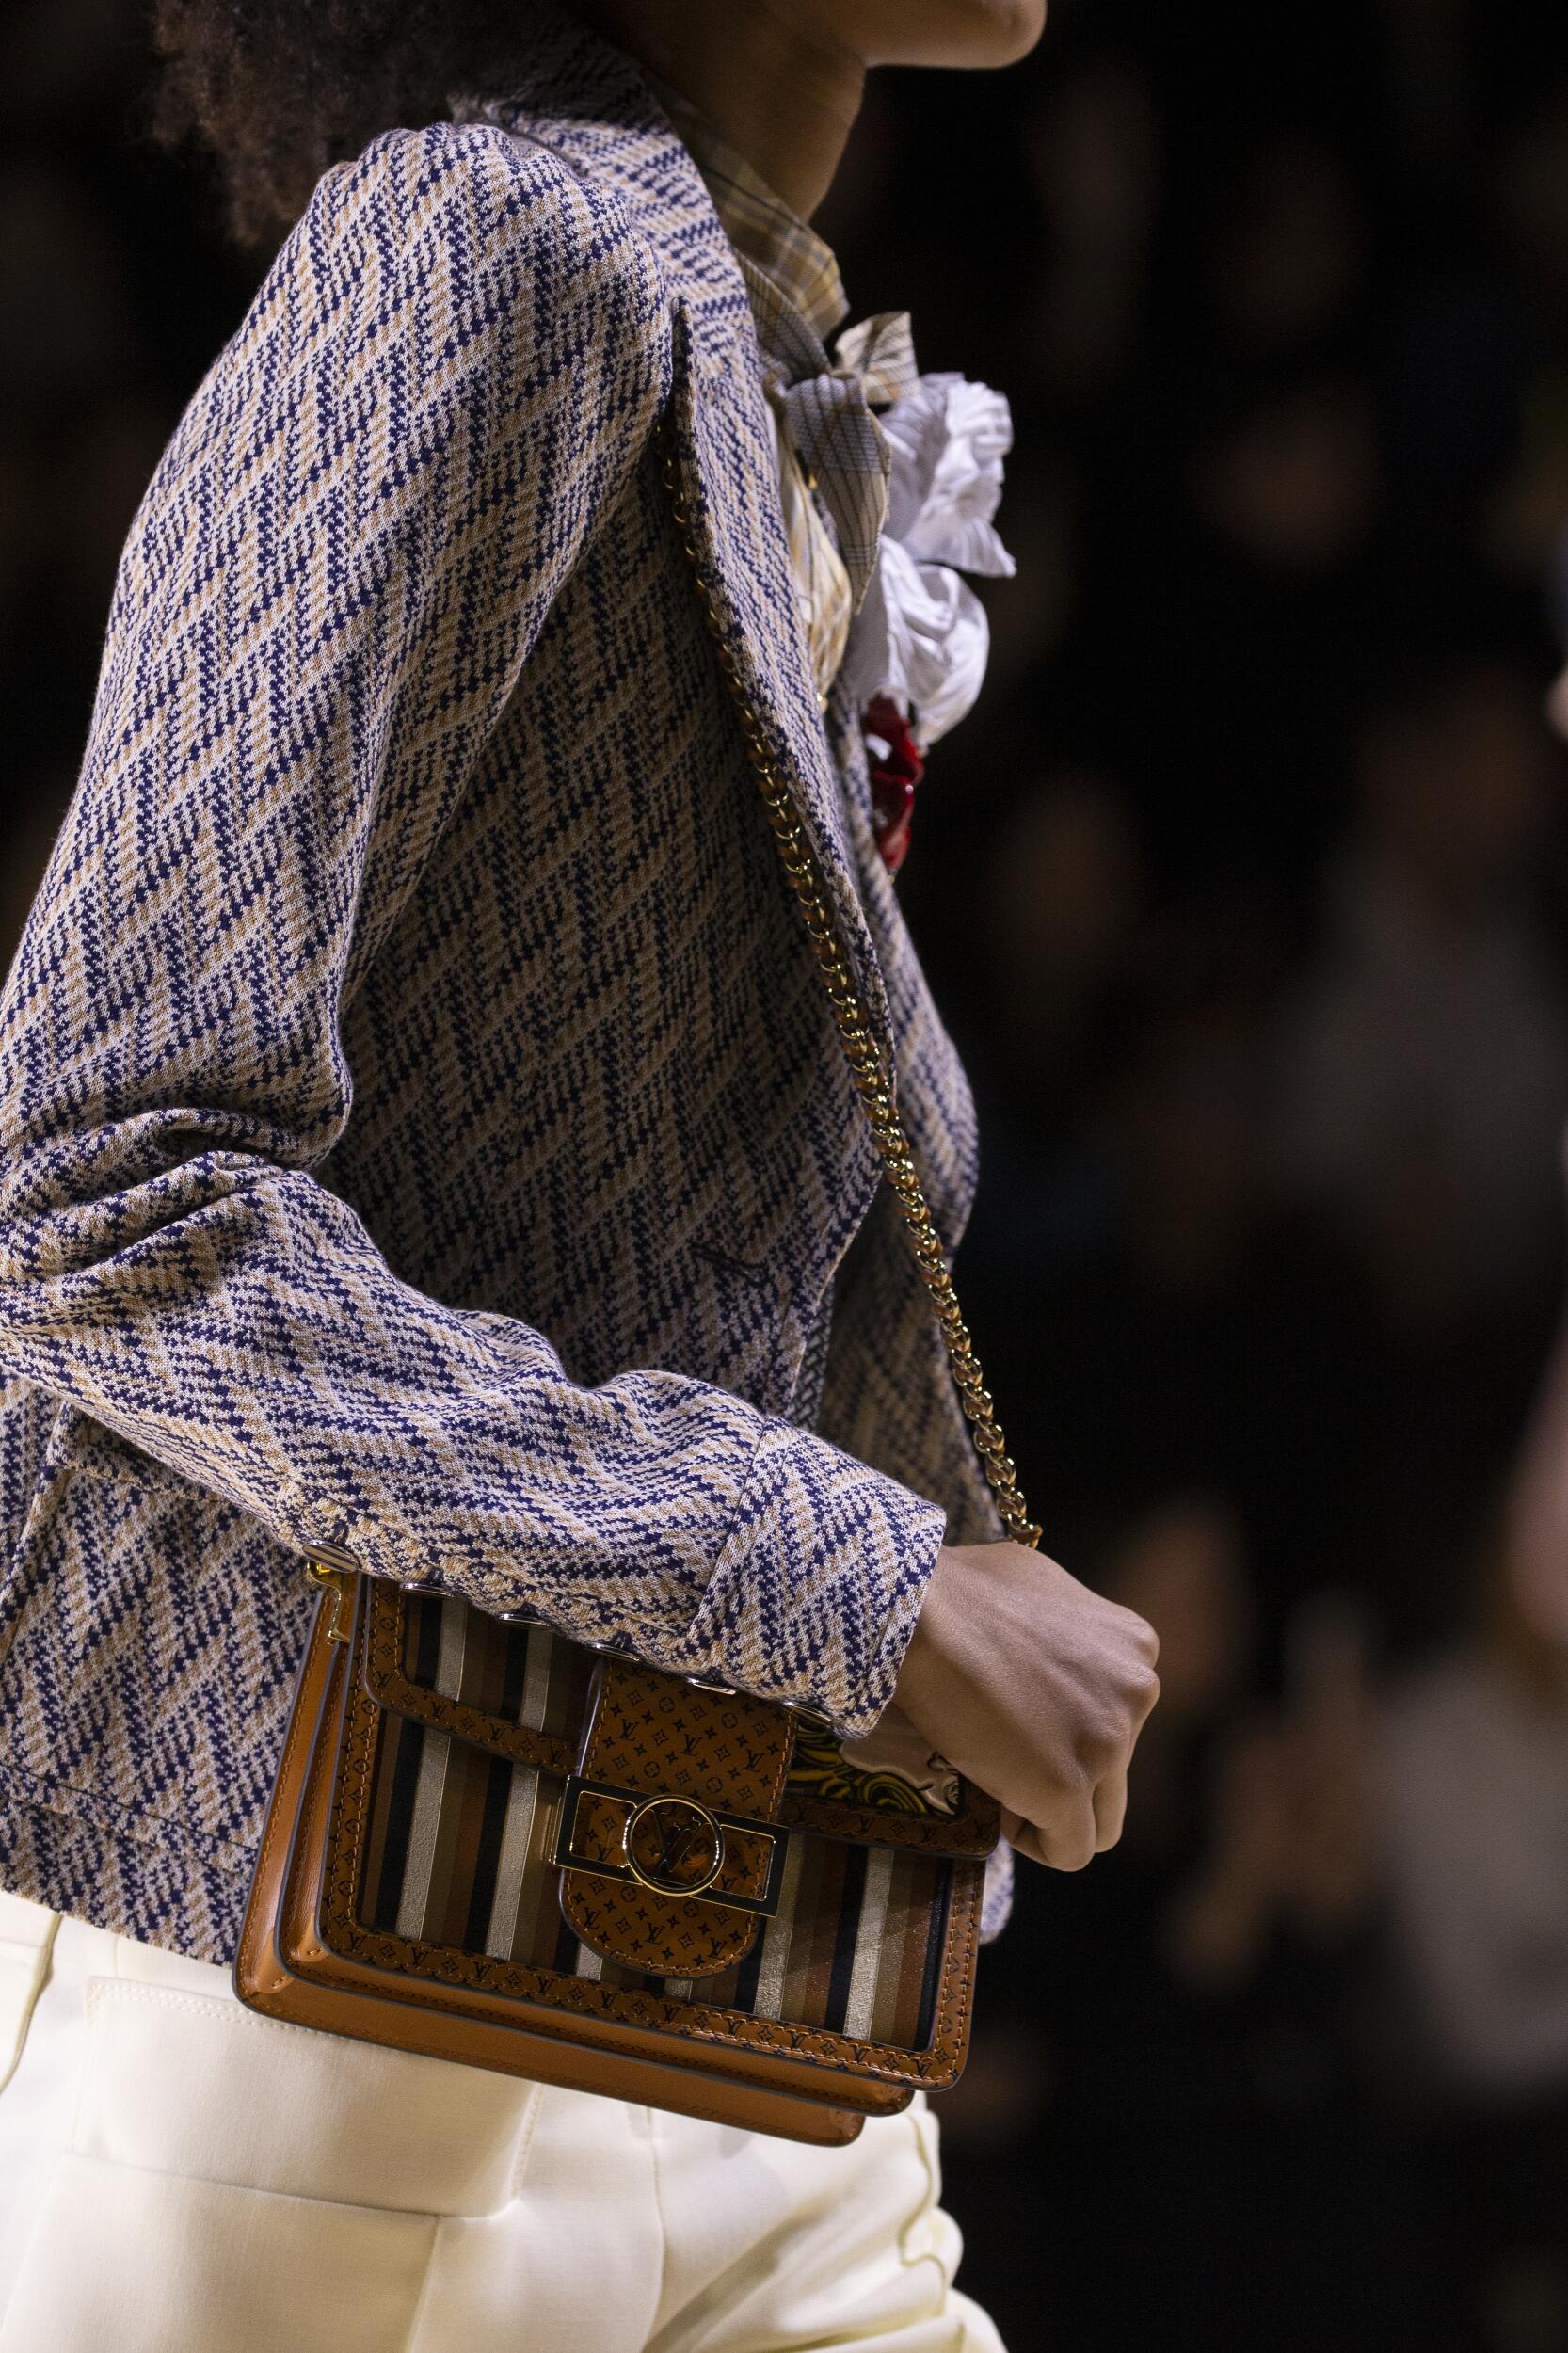 Louis Vuitton Woman Bag